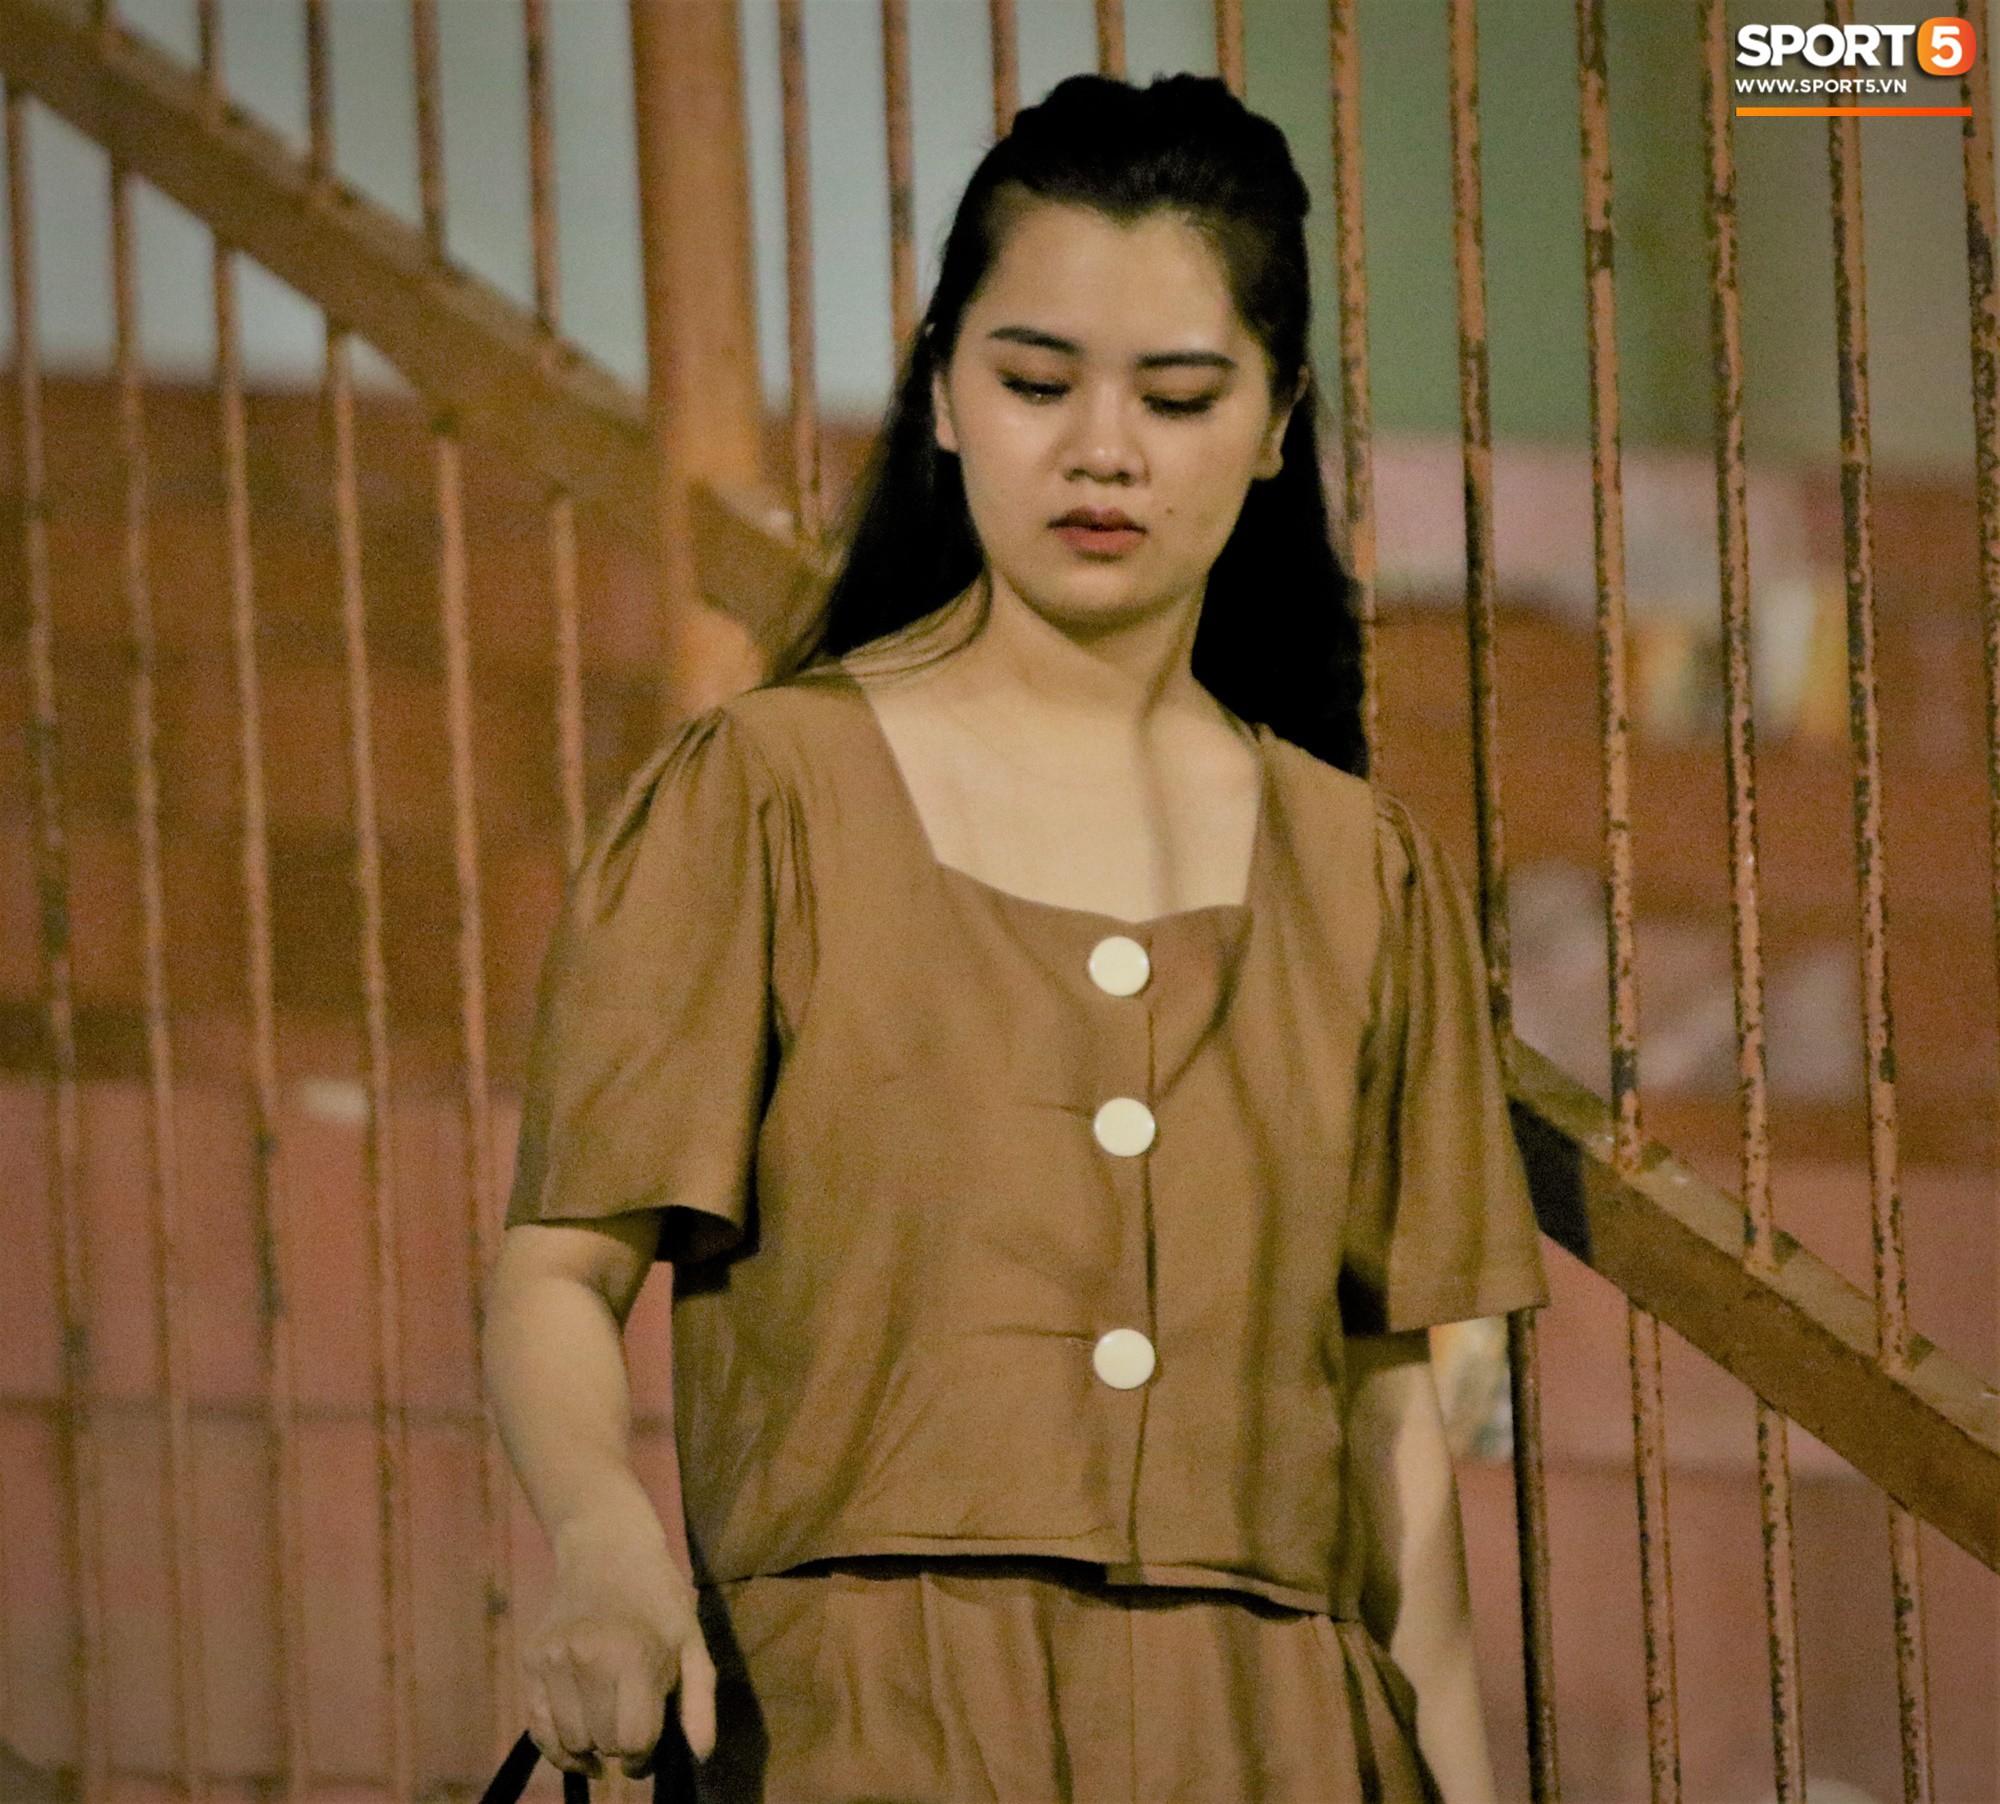 Hạnh phúc như Hải Quế: Ngày của bố được đón con gái xuống sân ăn mừng chiến thắng trước Khánh Hòa - Ảnh 9.